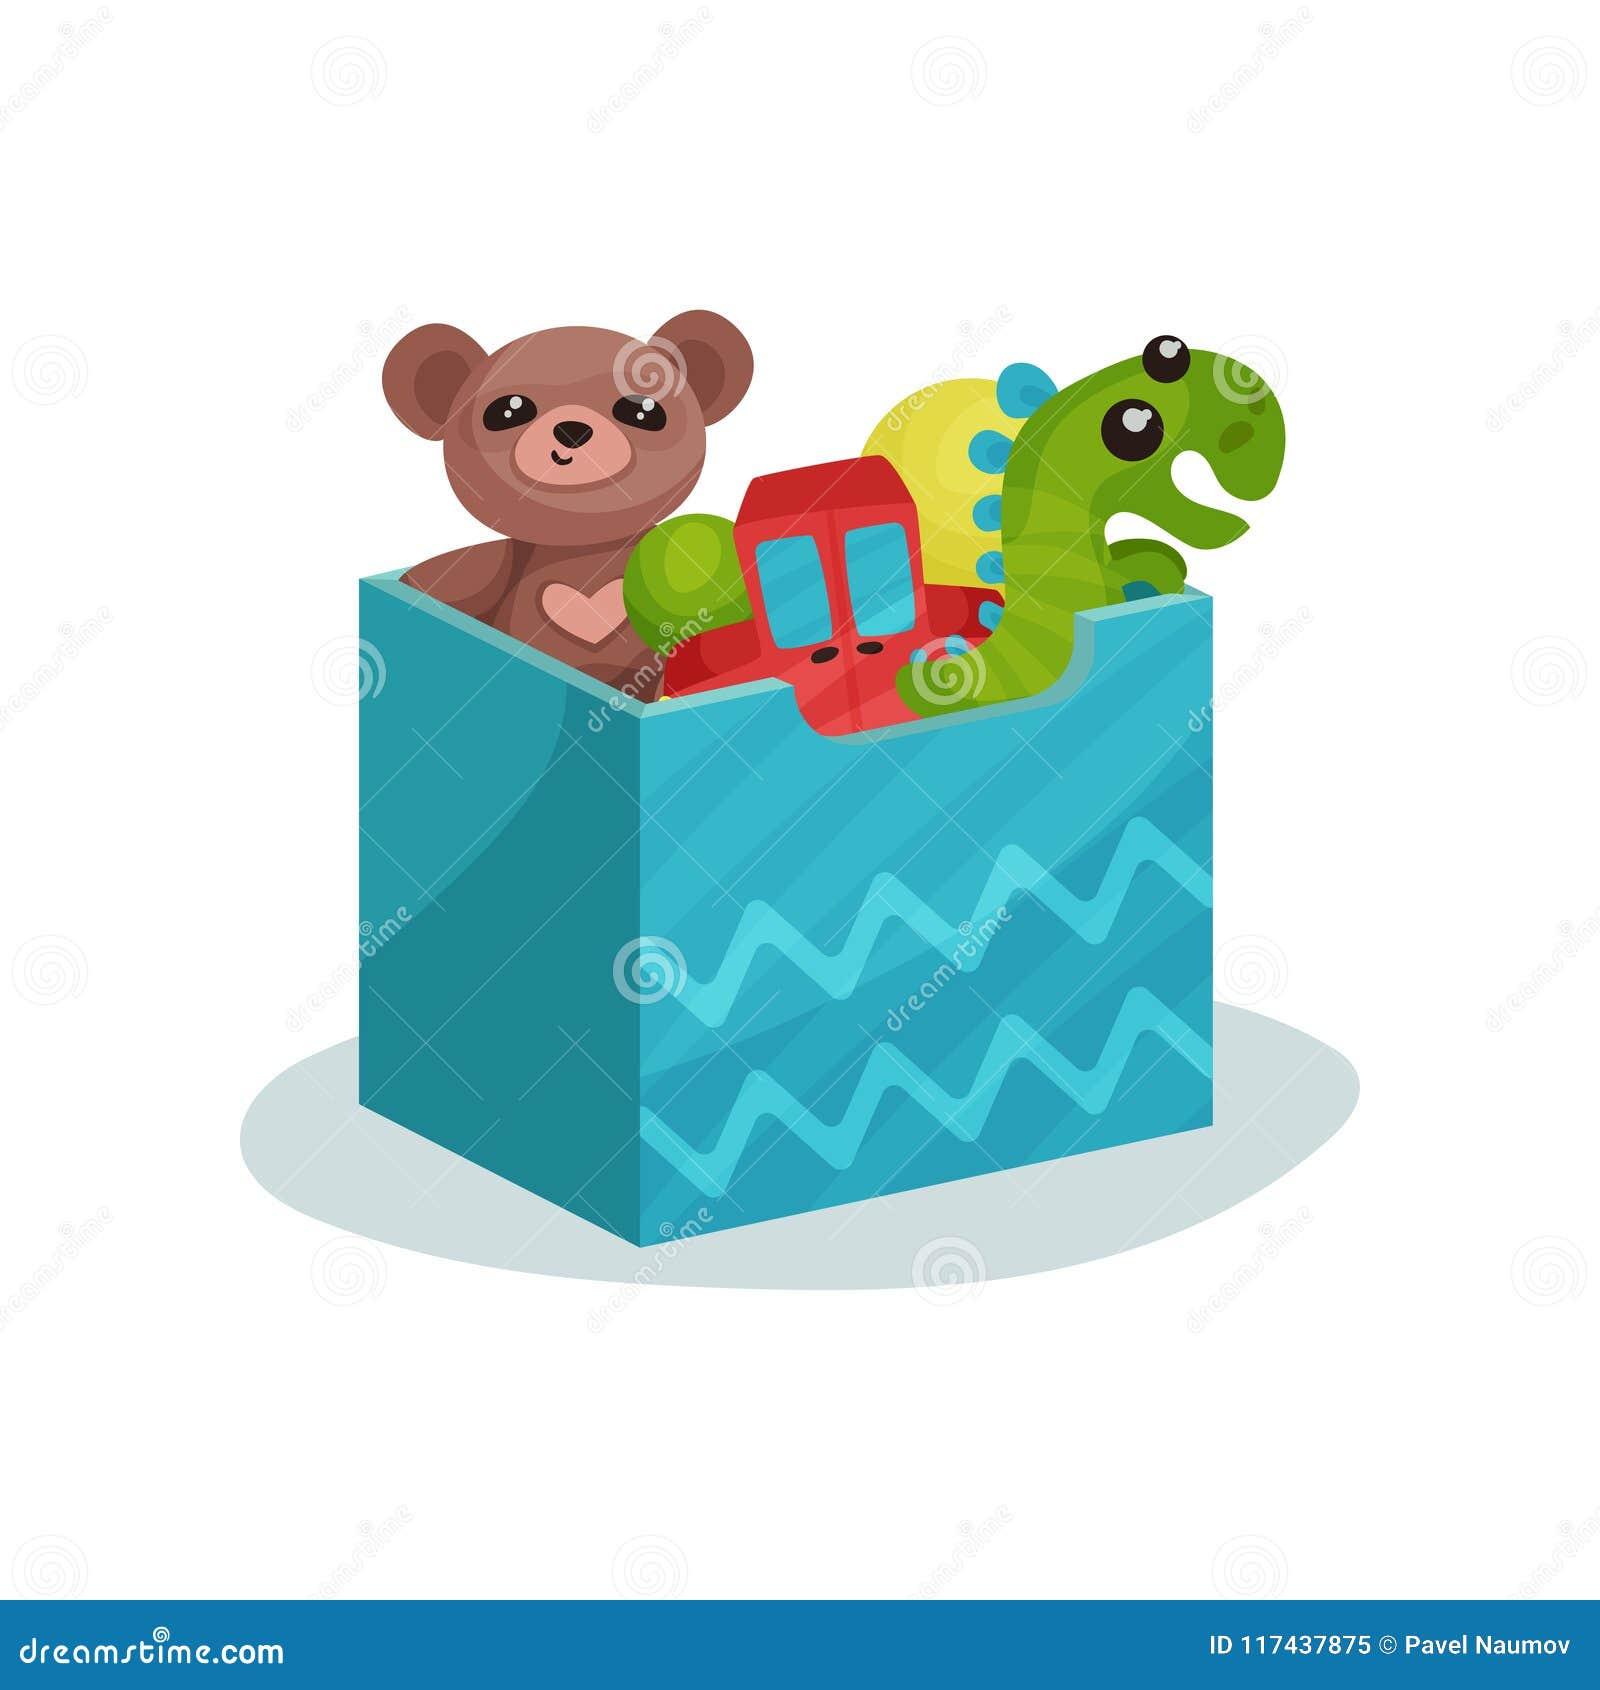 Blauer Kasten voll Kinderspielwaren Brown-Teddybär, grüner Dinosaurier, rotes Auto und Gummibälle Flache Vektorikone